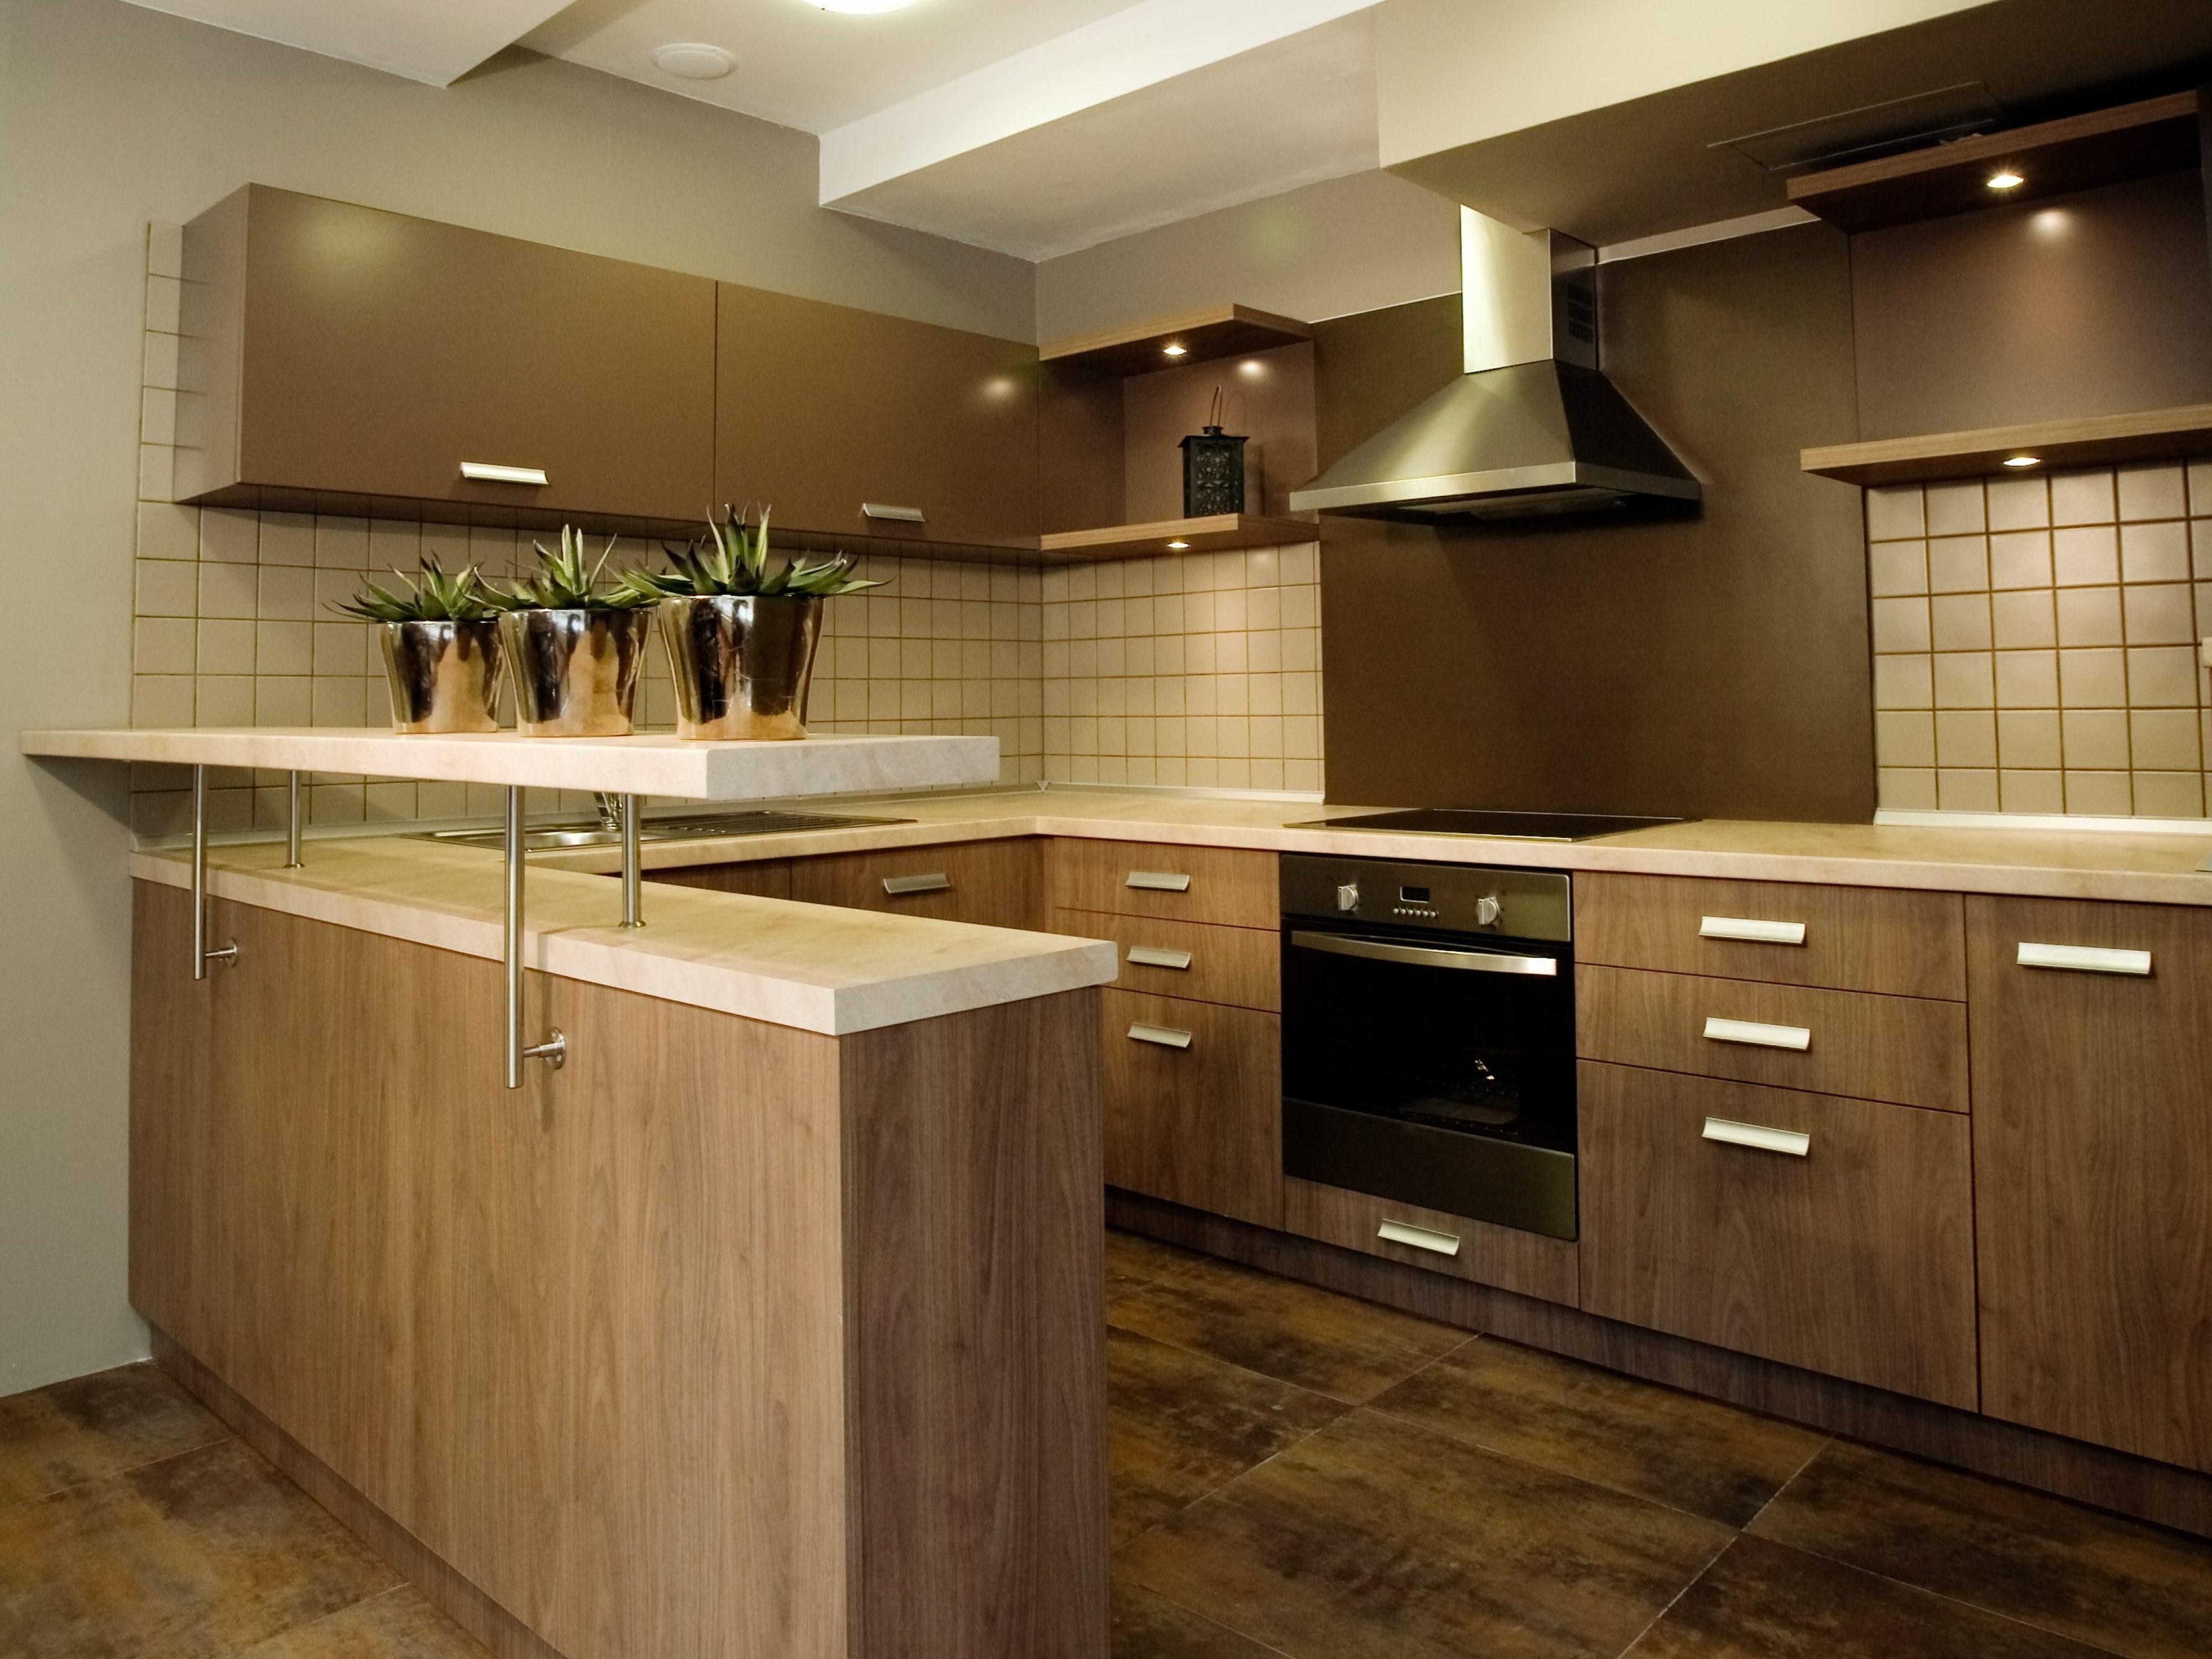 מגע חום עמוק בארונות מטבח